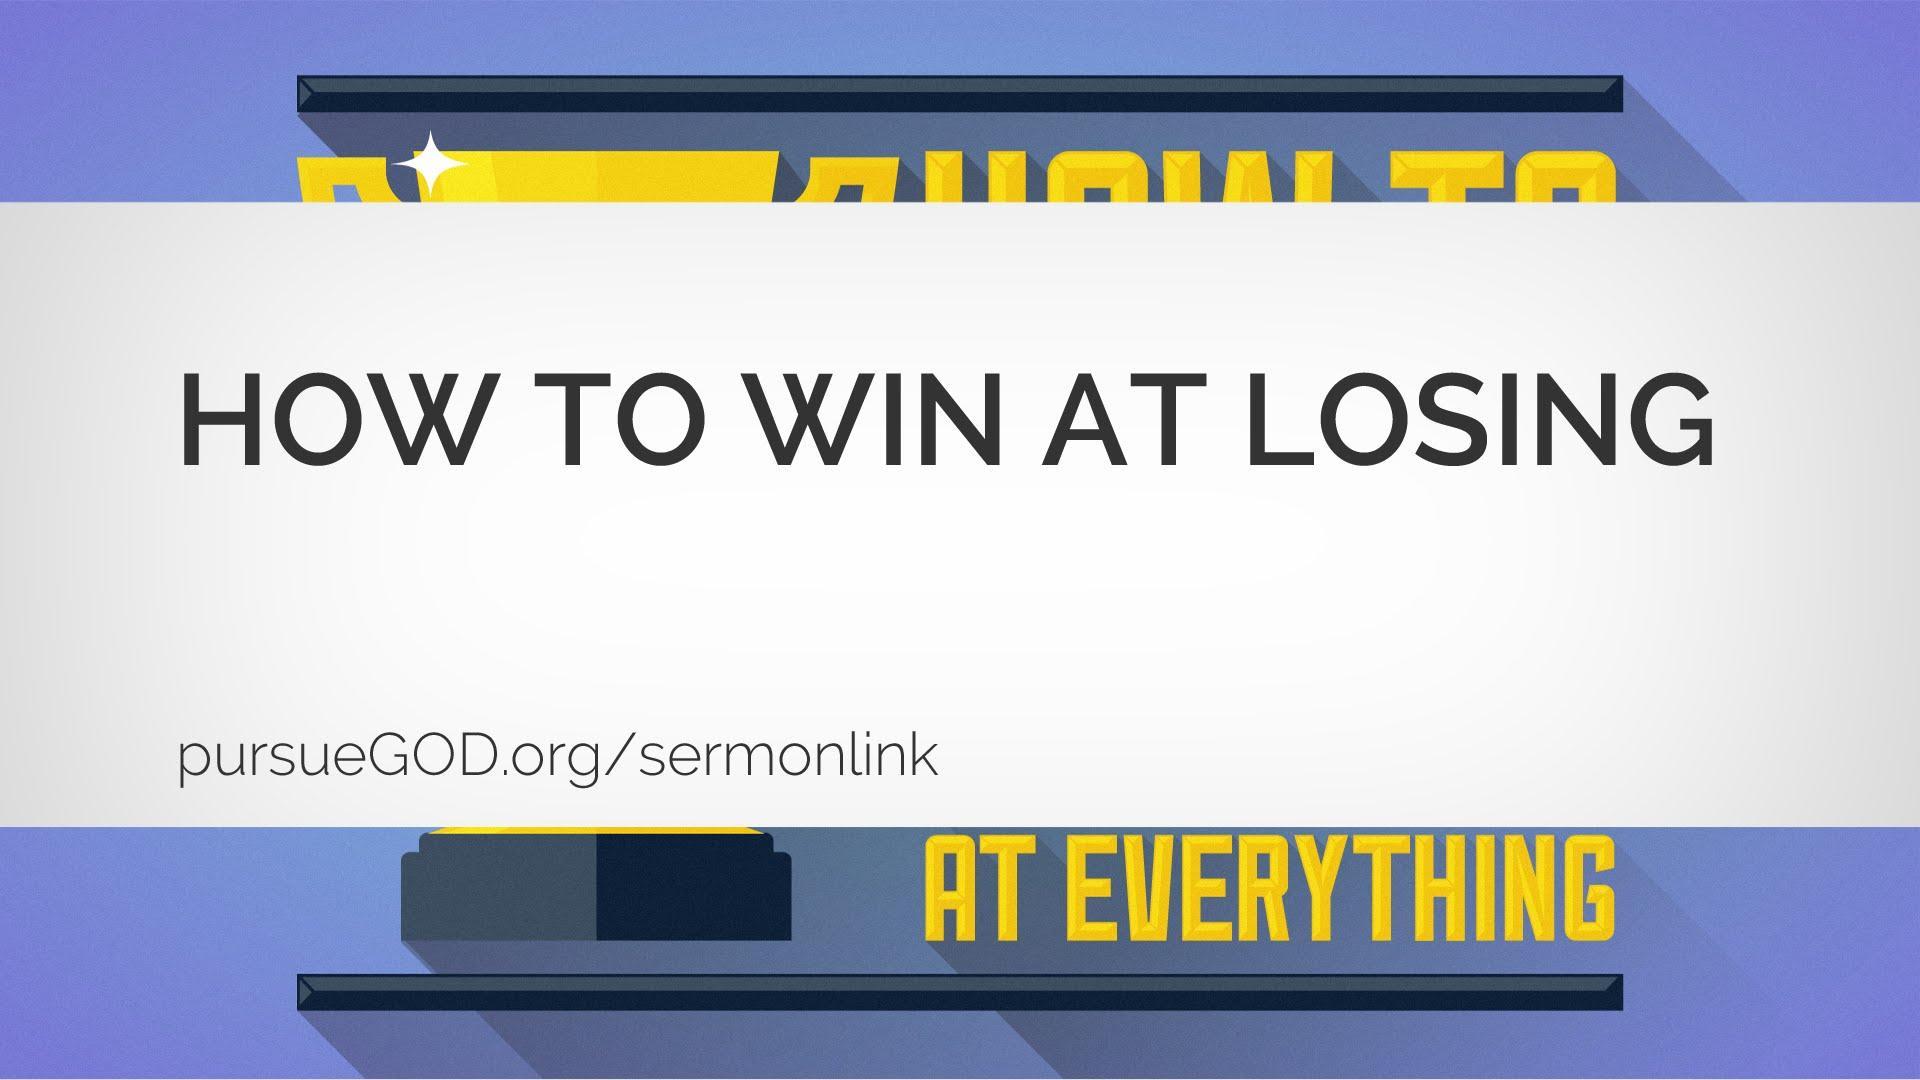 失うときの勝つ方法